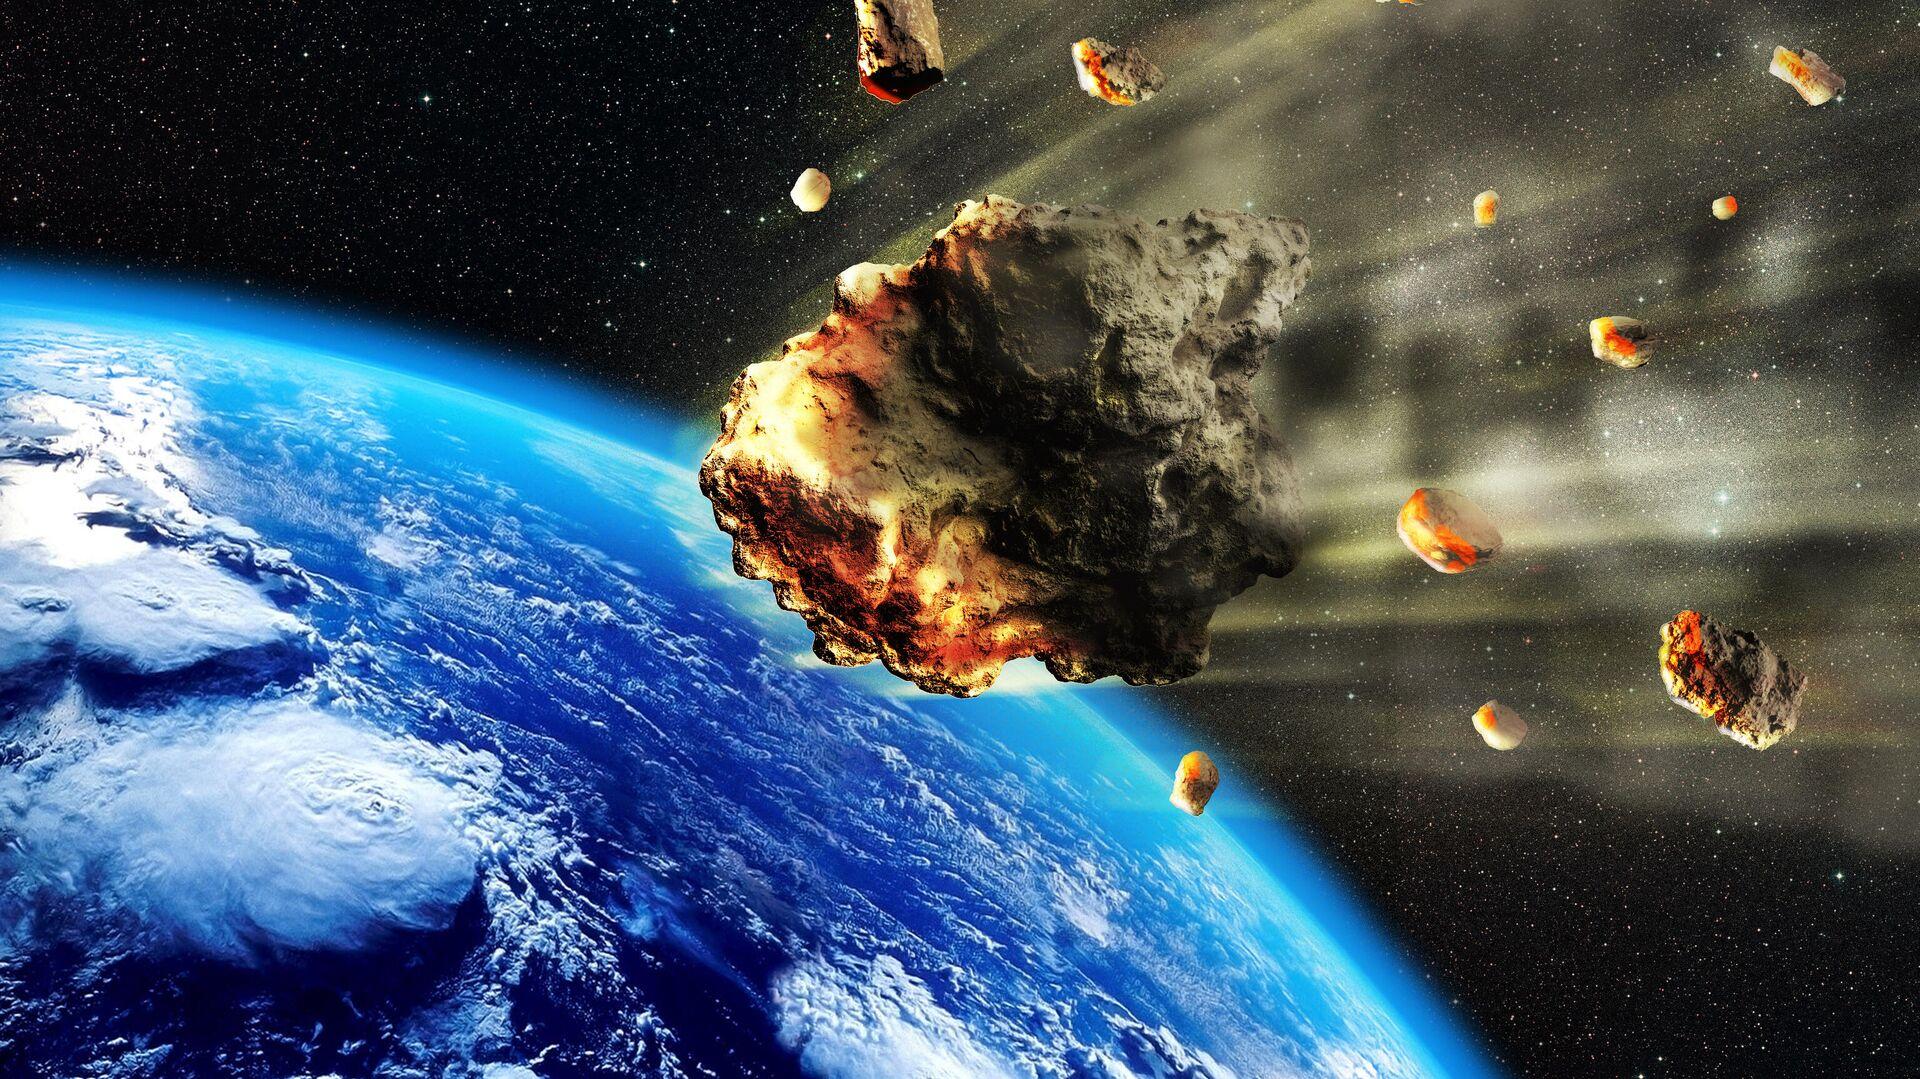 Астероиды в атмосфере Земли - РИА Новости, 1920, 10.01.2021